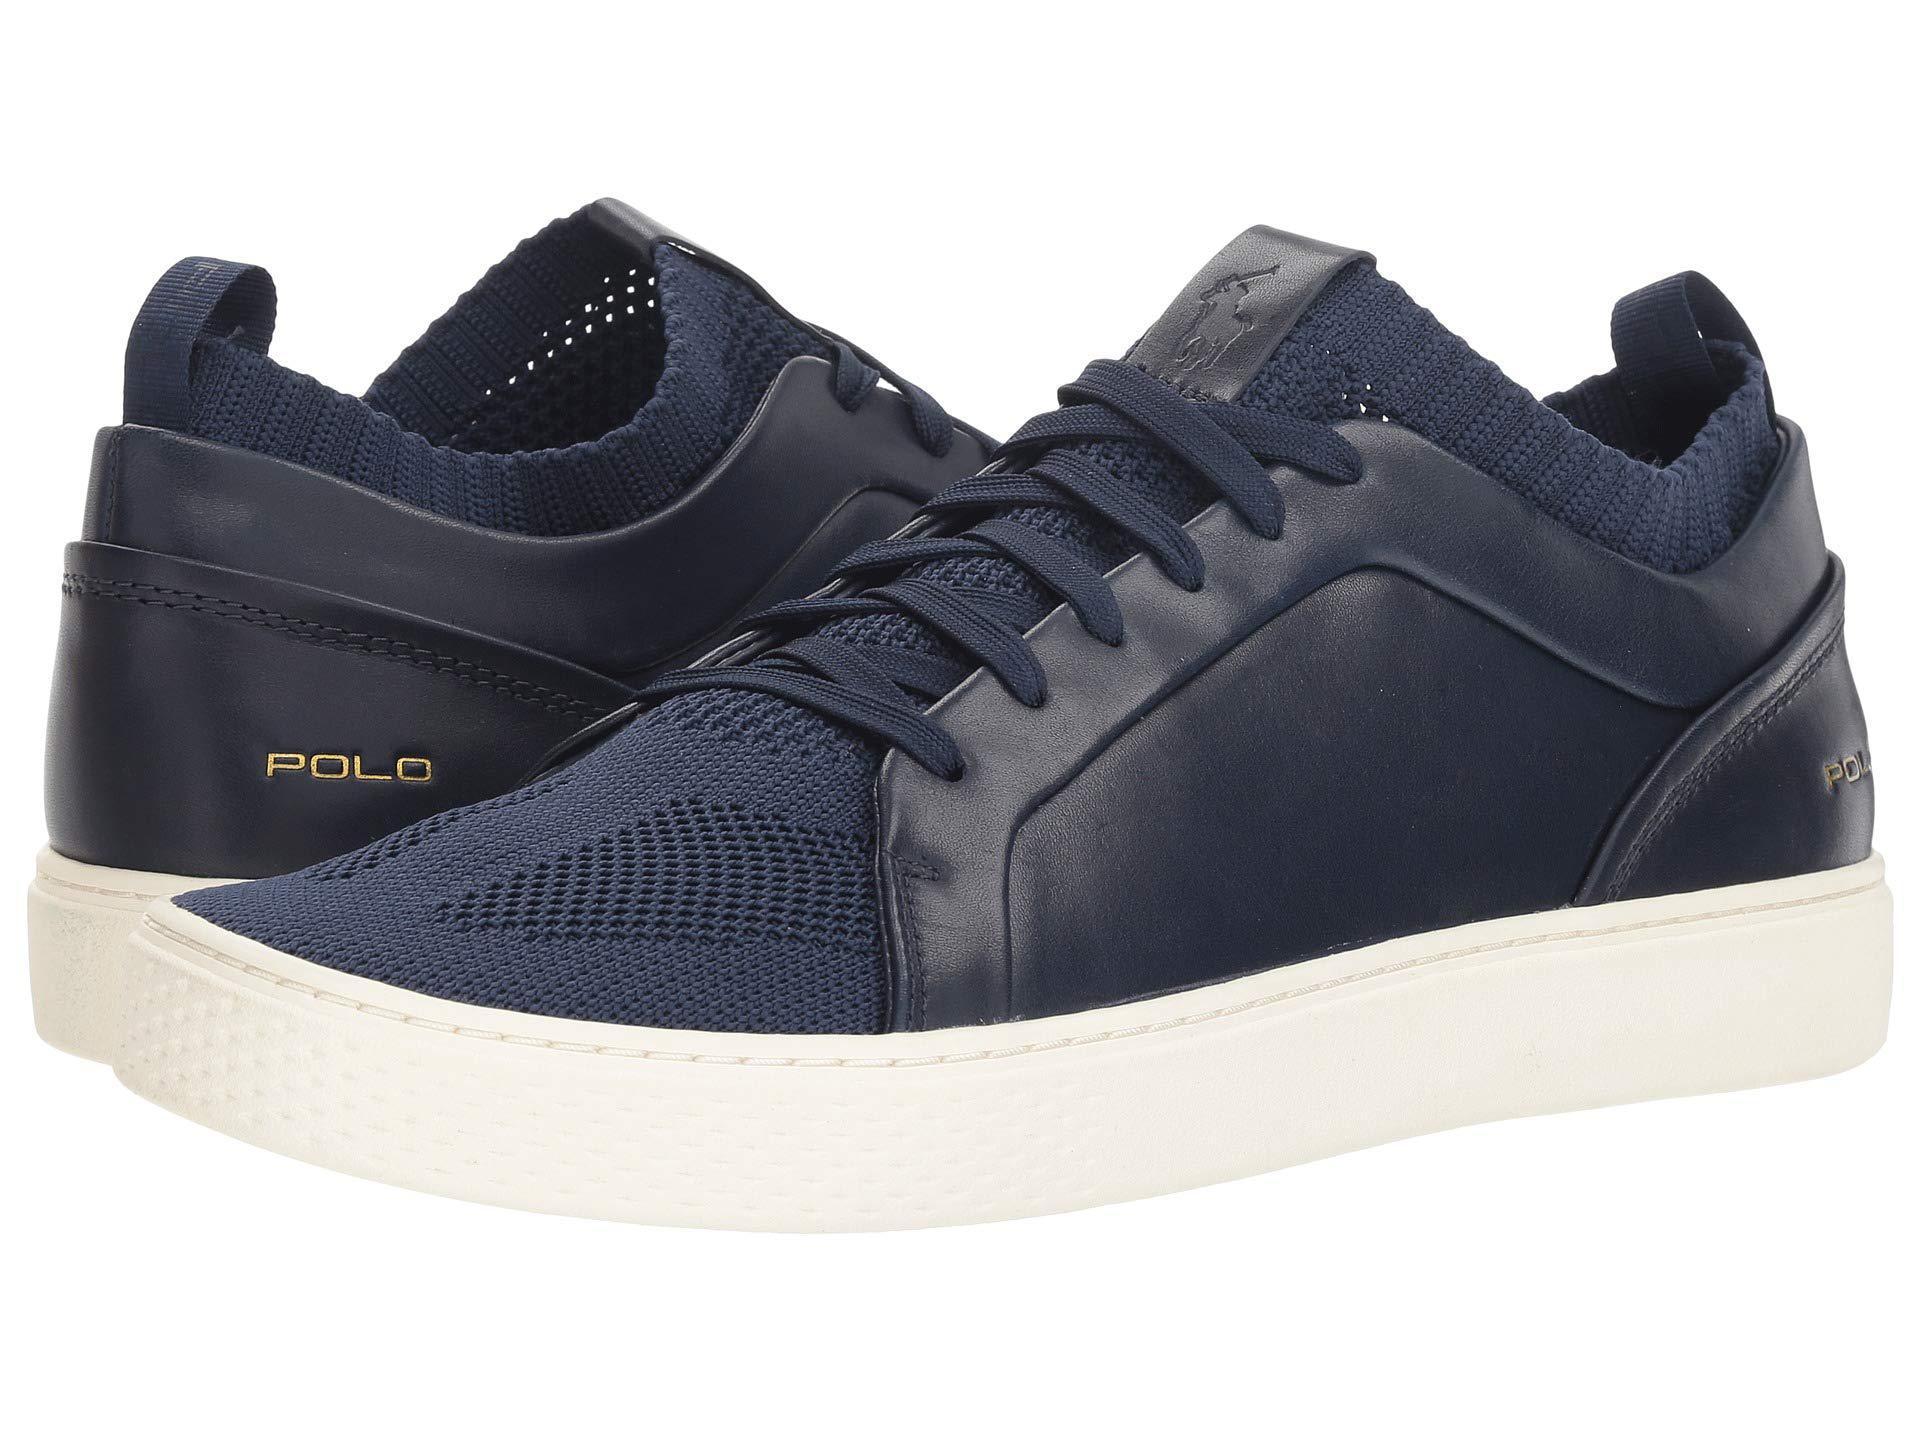 Lyst - Polo Ralph Lauren Court 150 (newport Navy) Men s Shoes in ... 1cb64802032